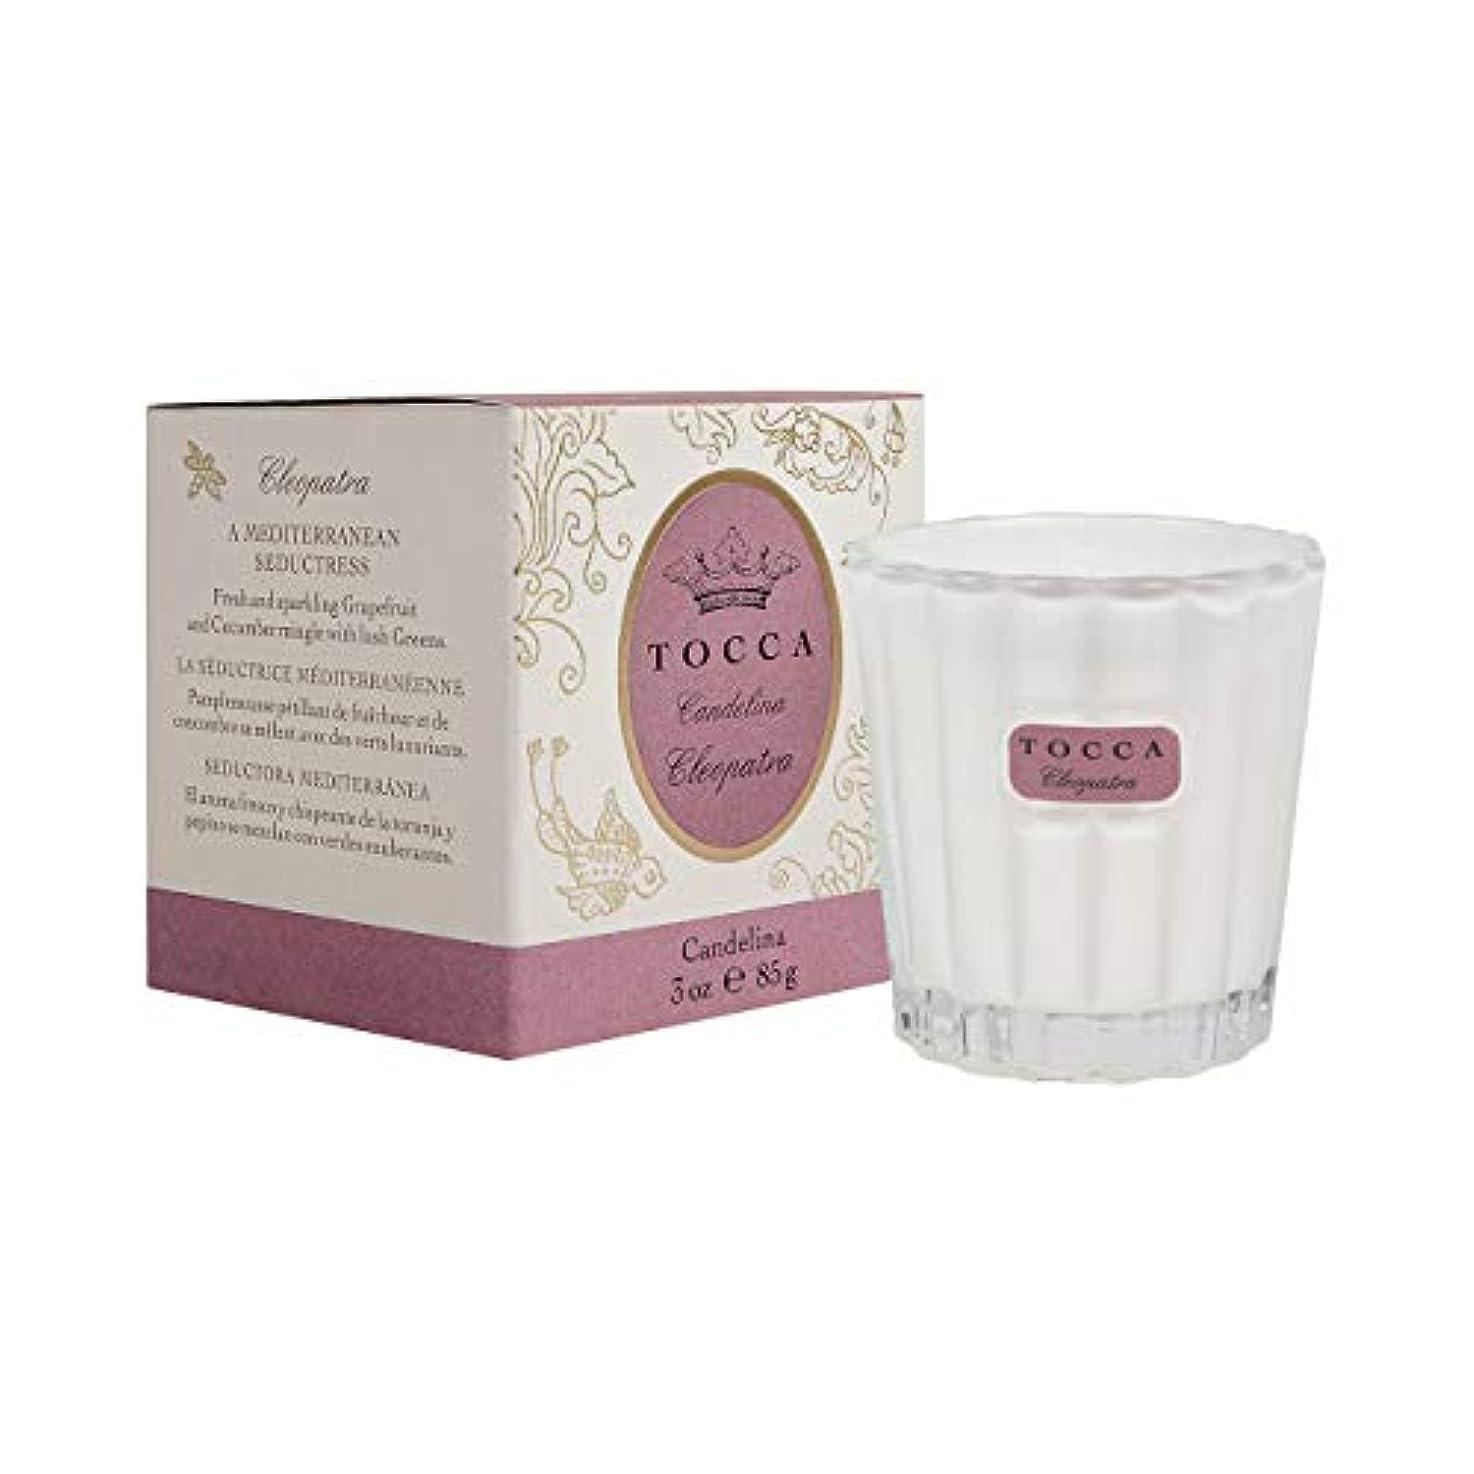 称賛リスサークルトッカ(TOCCA) キャンデリーナ クレオパトラの香り 約85g (キャンドル ろうそく フレッシュでクリーンな香り)